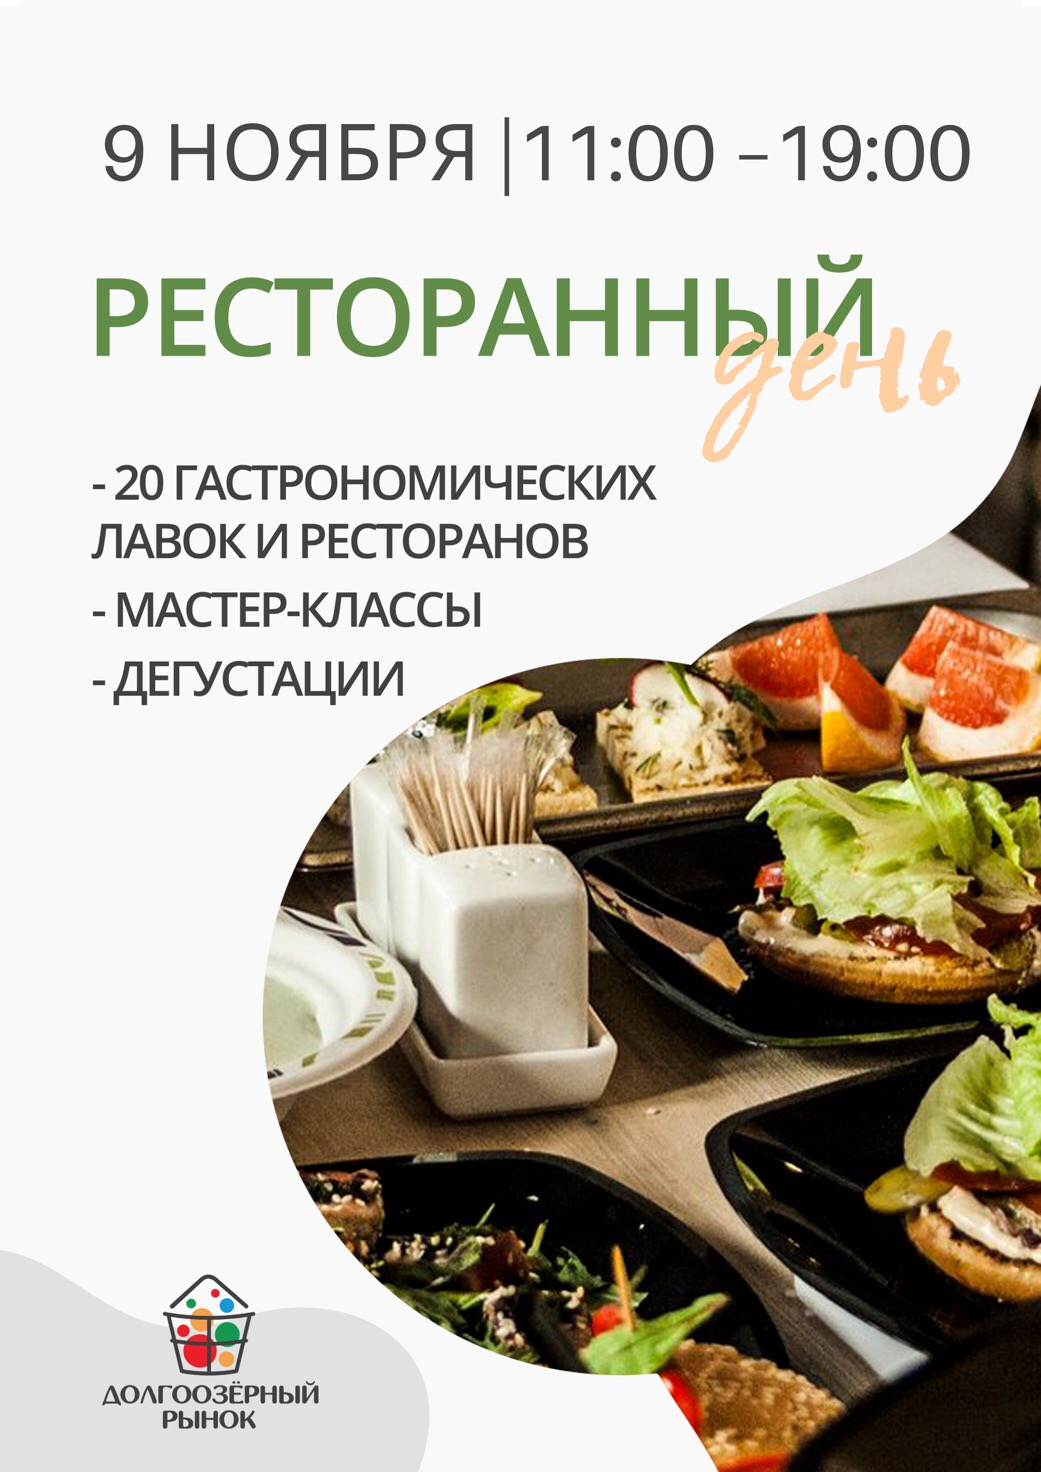 Ресторанный день